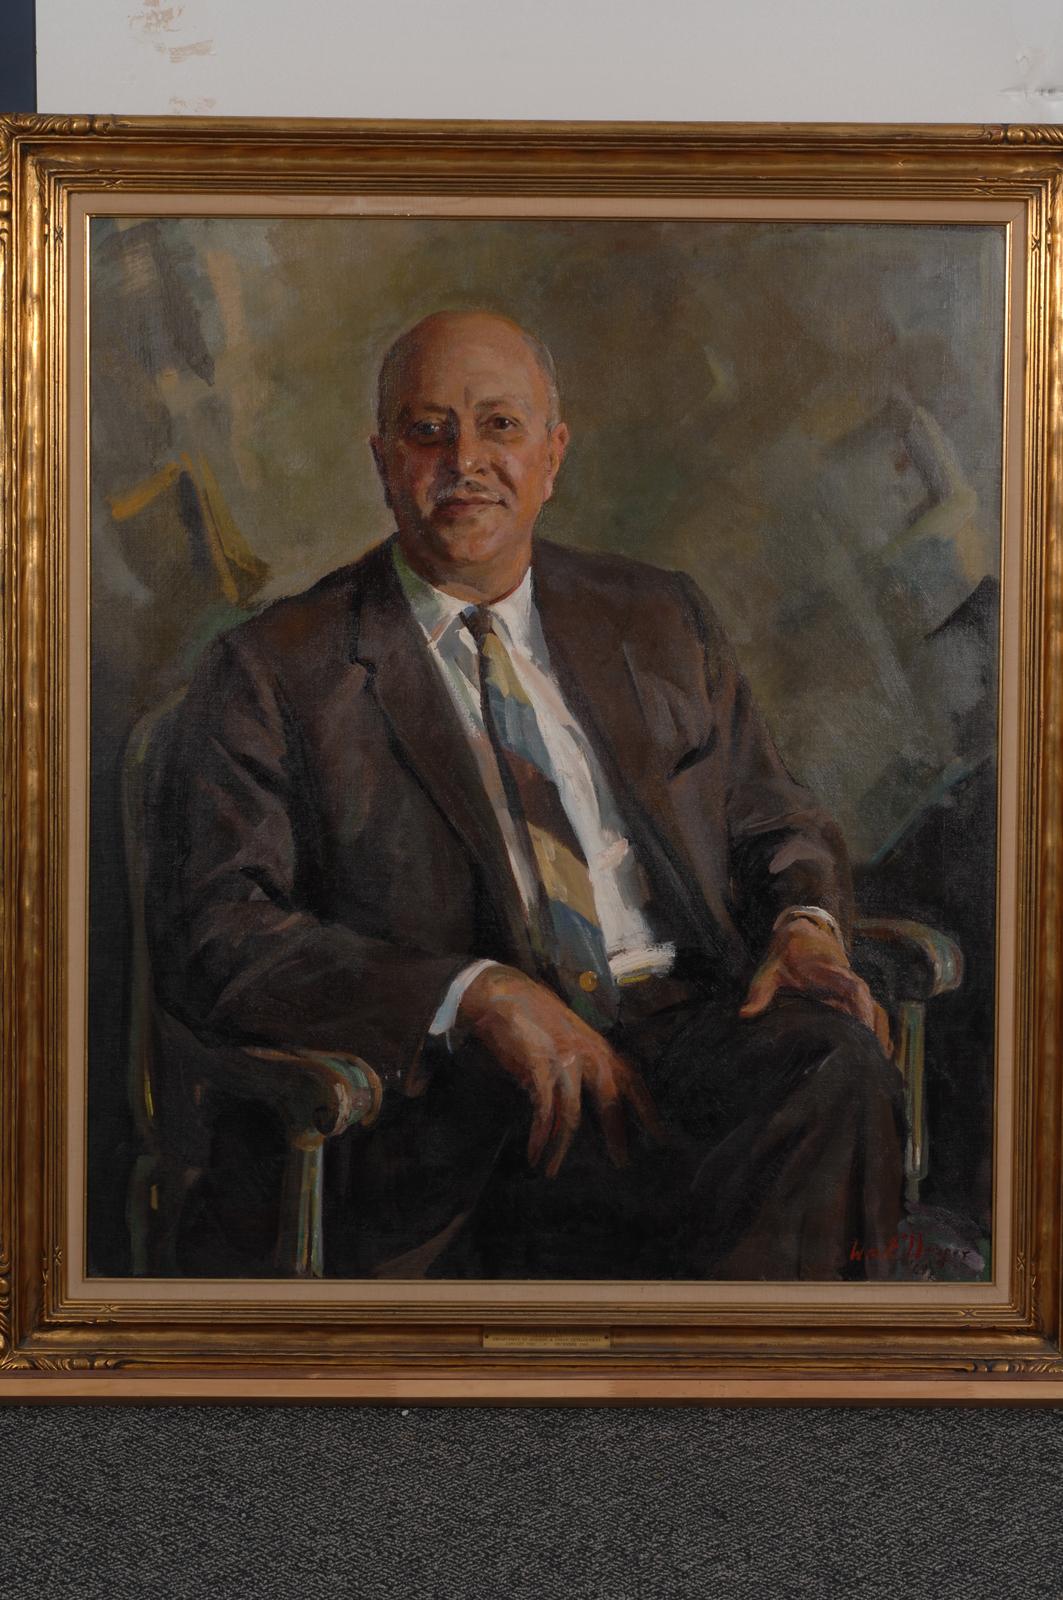 Former Secretary Robert Weaver, Painted Portrait - Official painted portrait of former Secretary Robert Weaver